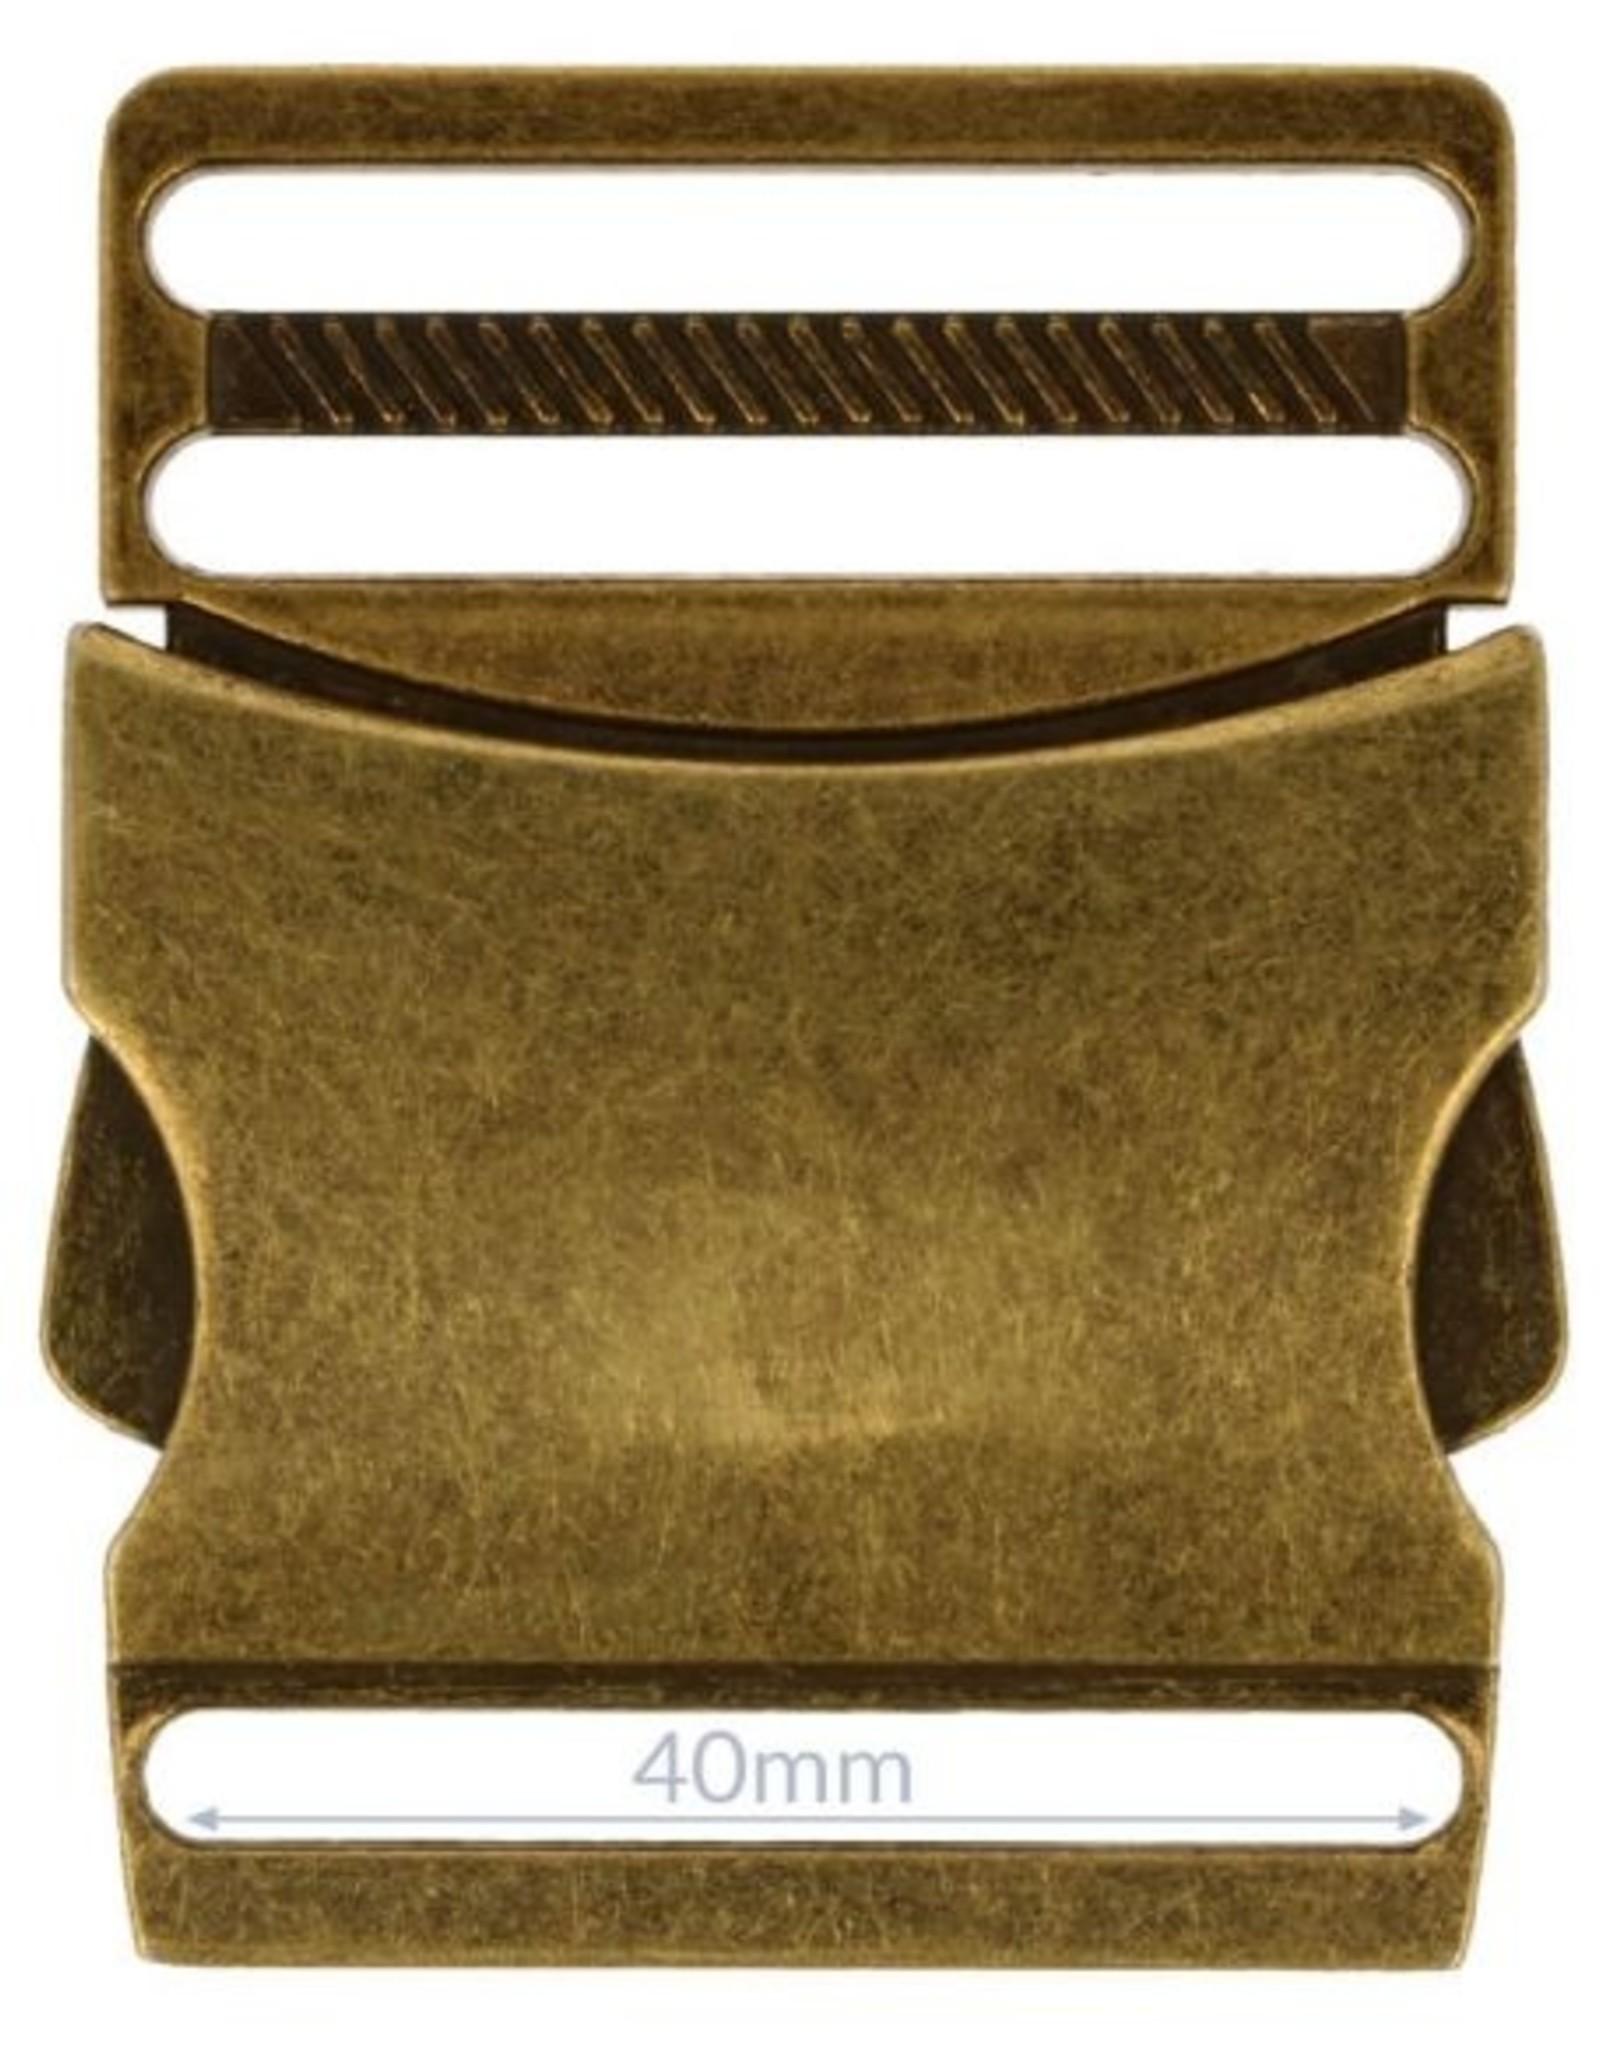 Klikgesp 40mm